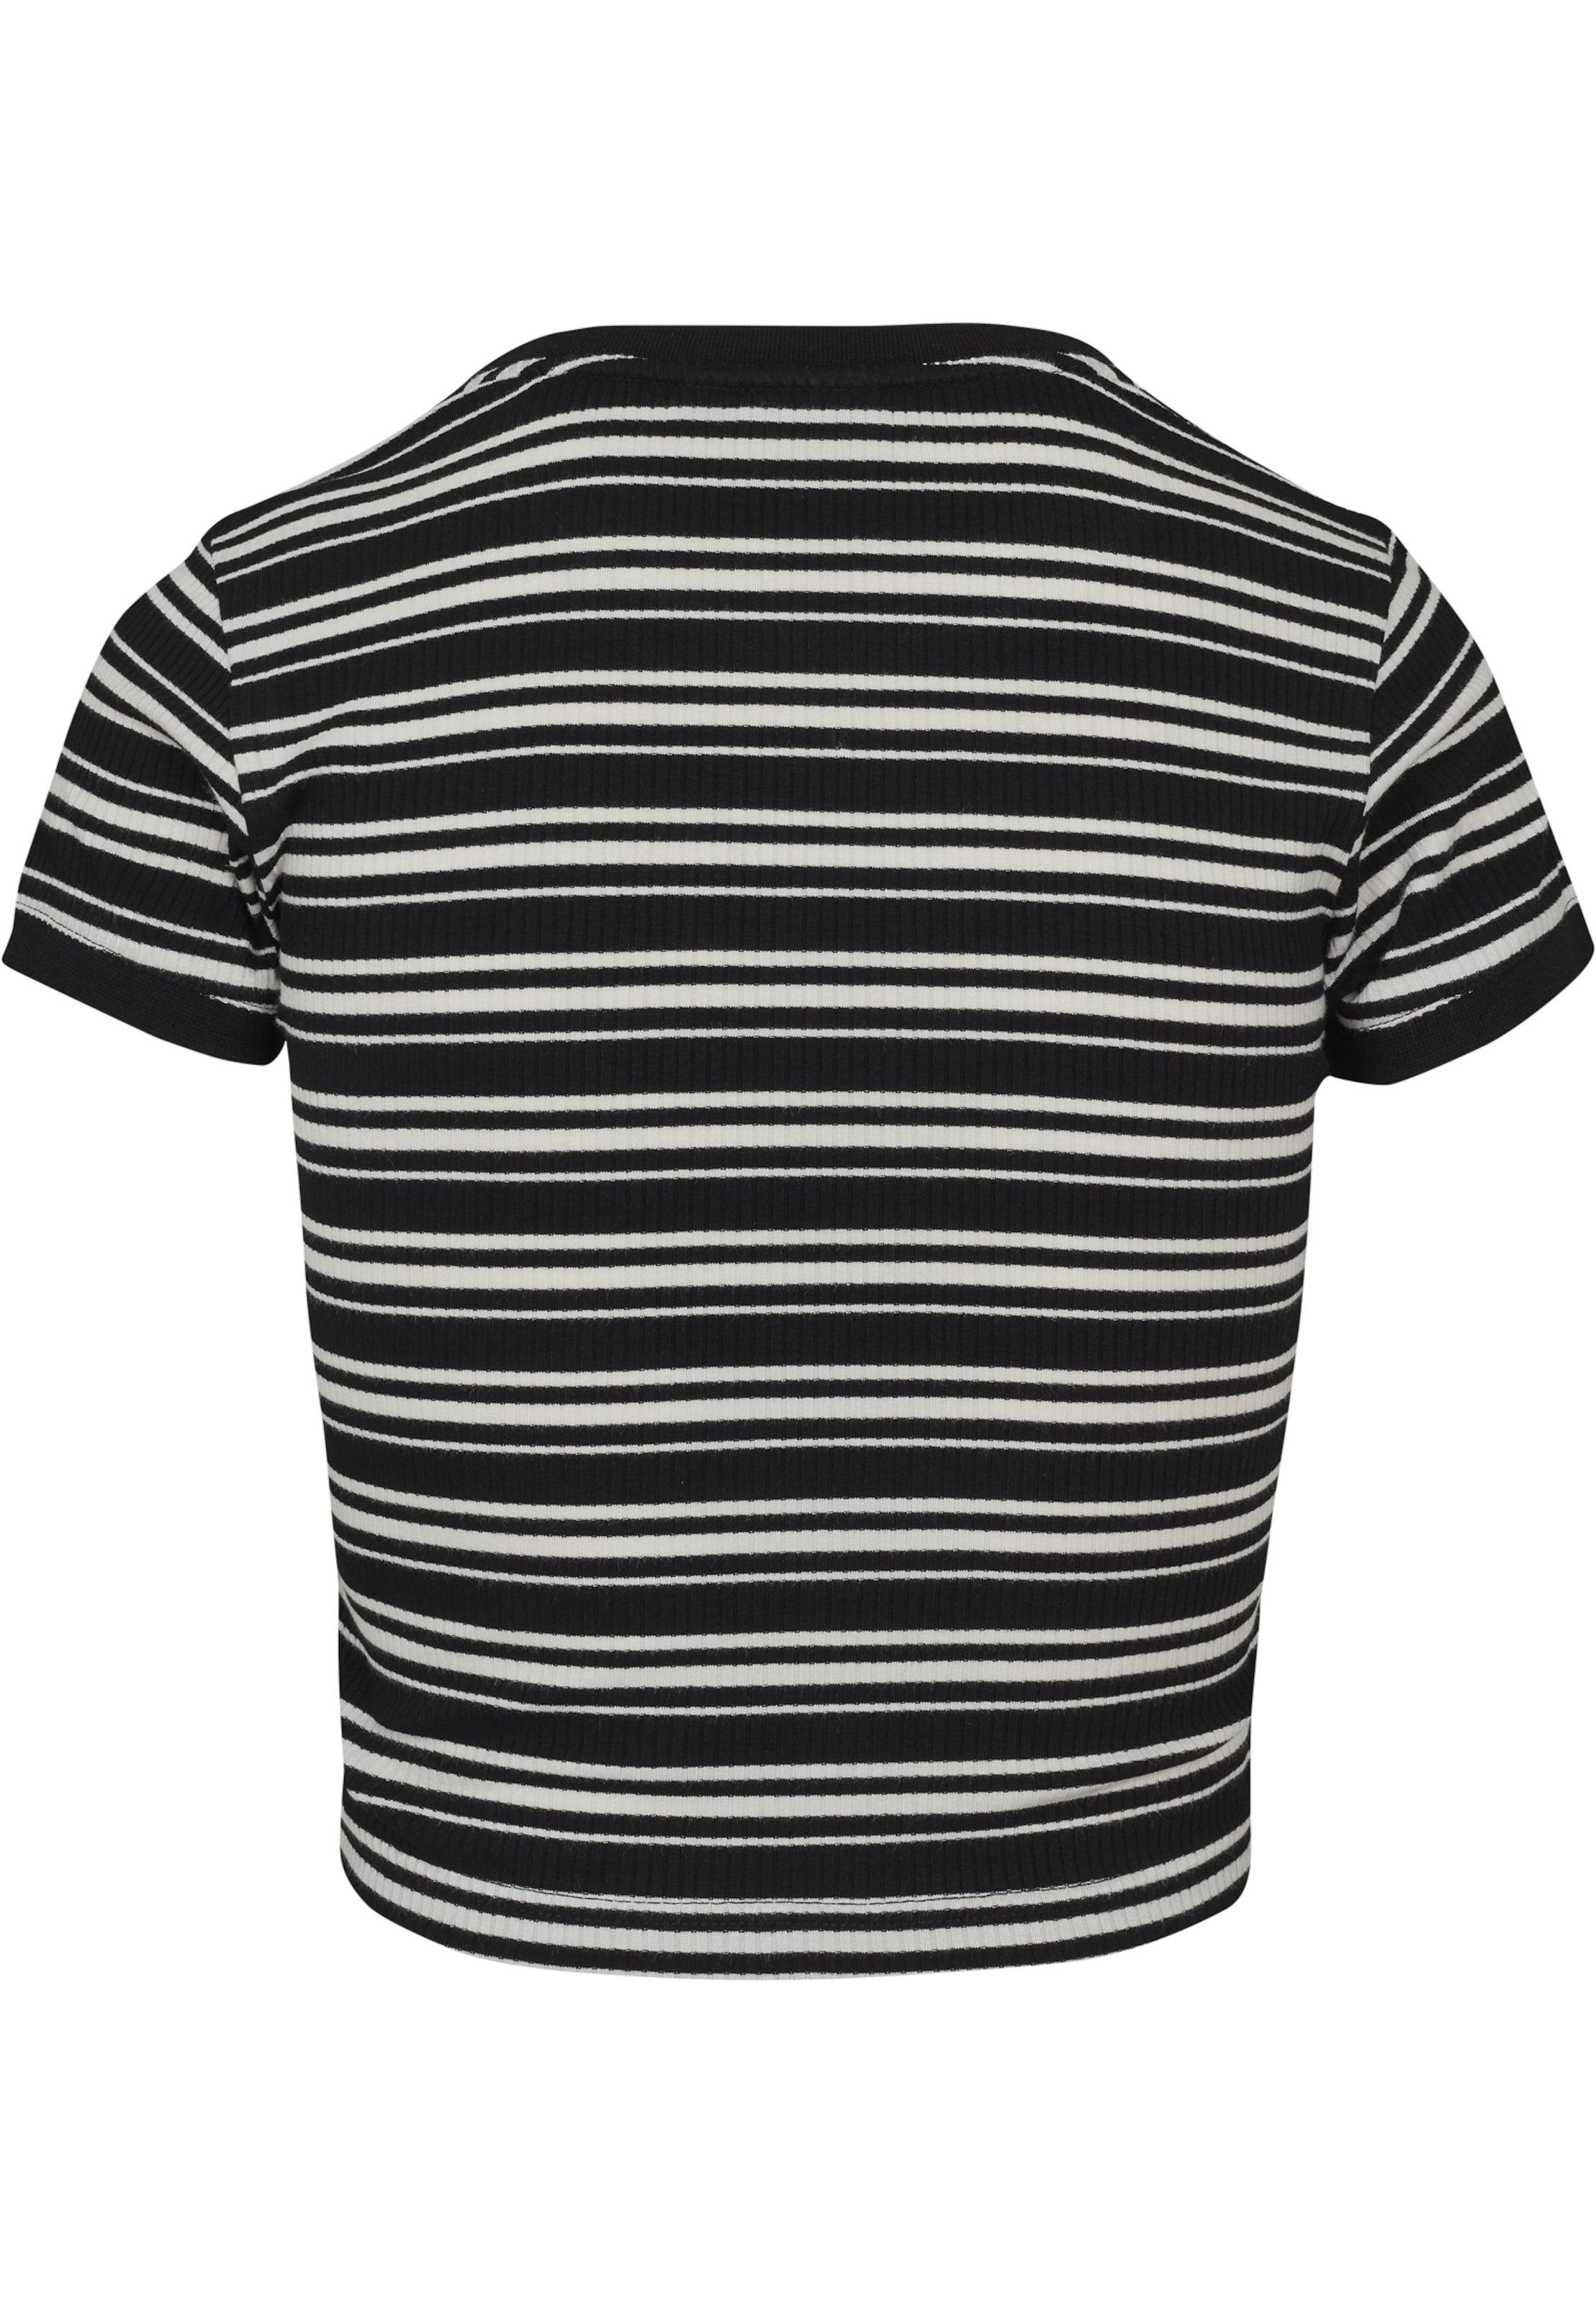 T In Classics Urban shirt SchwarzWeiß bgf67Yy